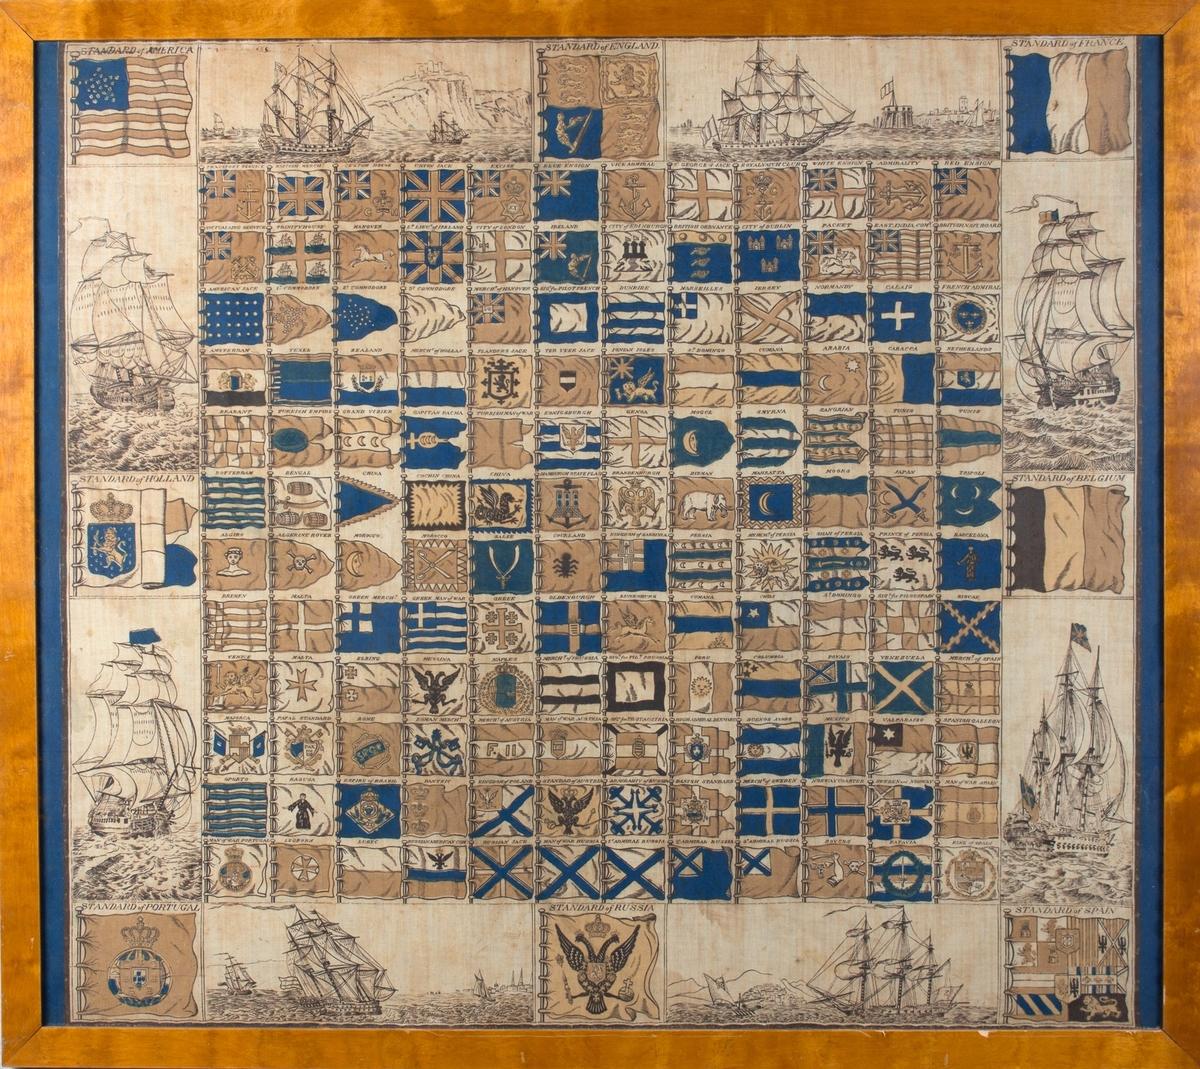 Flaggkart. I øvre hjørne til venstre det amerikanske flagget med tretten striper og 25 stjerner (1836). Ulike orlogsskip med åpne kanonporter som illustrasjoner langs sidene. Ulike nasjonalflagg, orlogsflagg og krigsskipflagg.